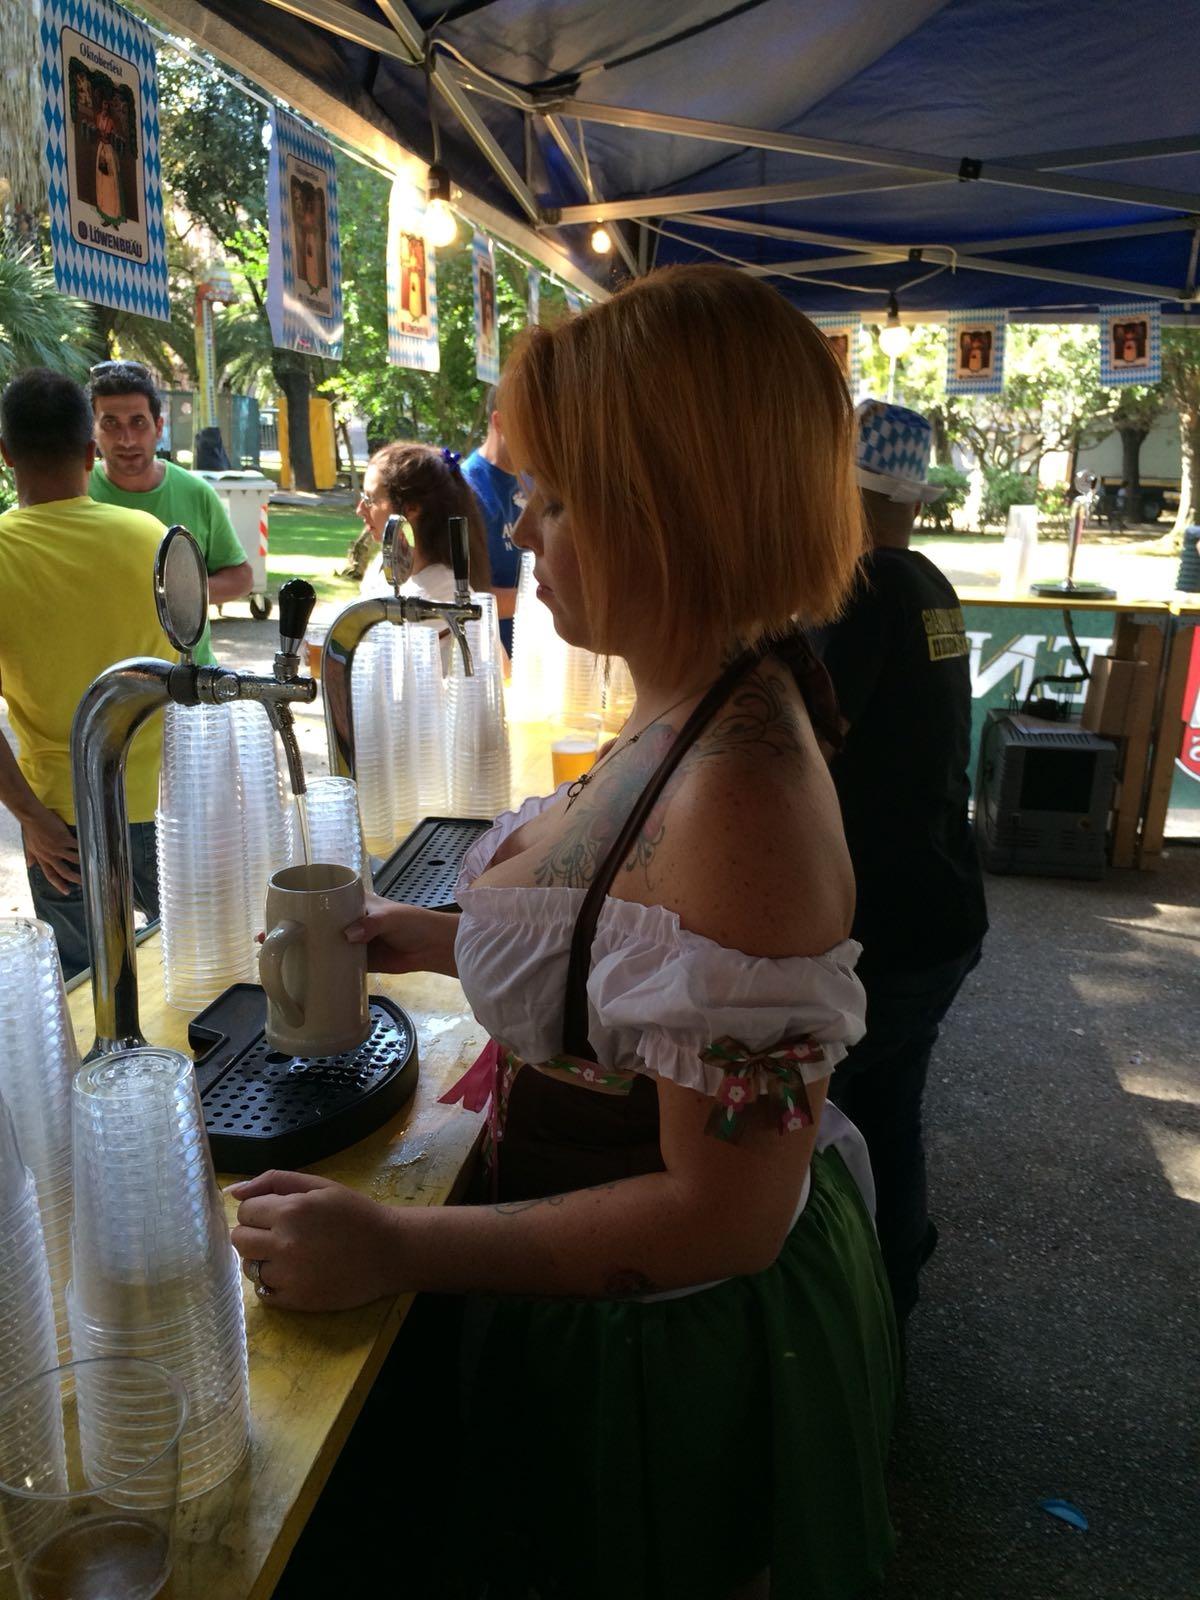 Sabato 7 ottobre 2017 a Sassari torna l'Oktoberfest presso i giardini pubblici